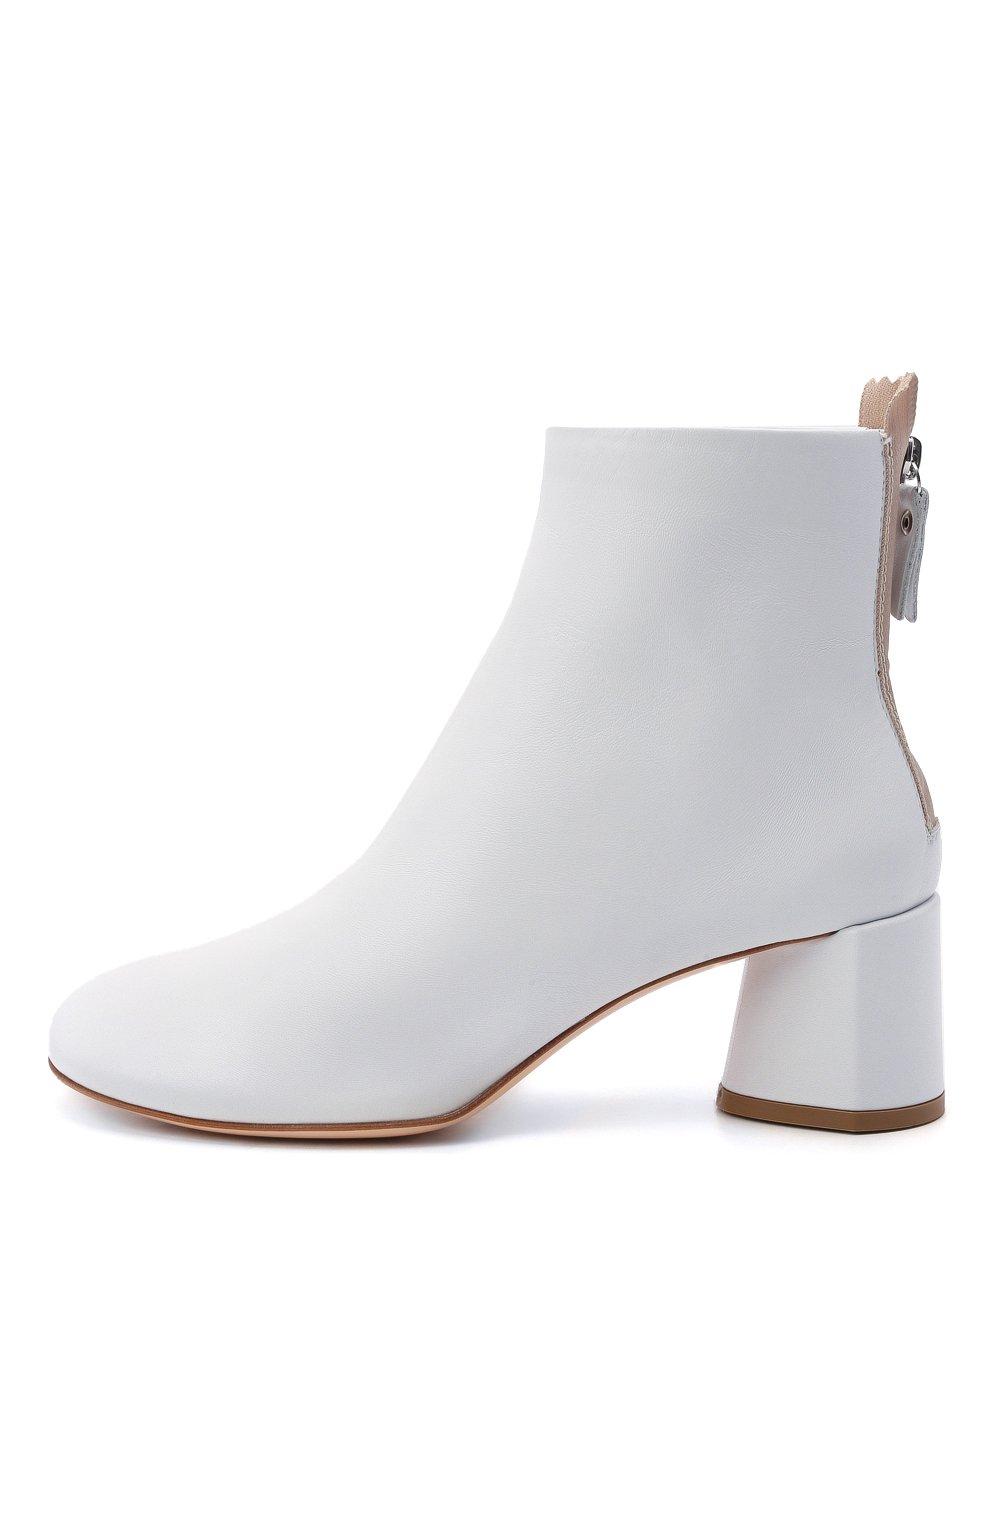 Женские кожаные ботильоны AGL белого цвета, арт. D150507PES0FTY0102 | Фото 3 (Подошва: Платформа; Материал внутренний: Натуральная кожа, Текстиль; Каблук высота: Средний; Каблук тип: Устойчивый)